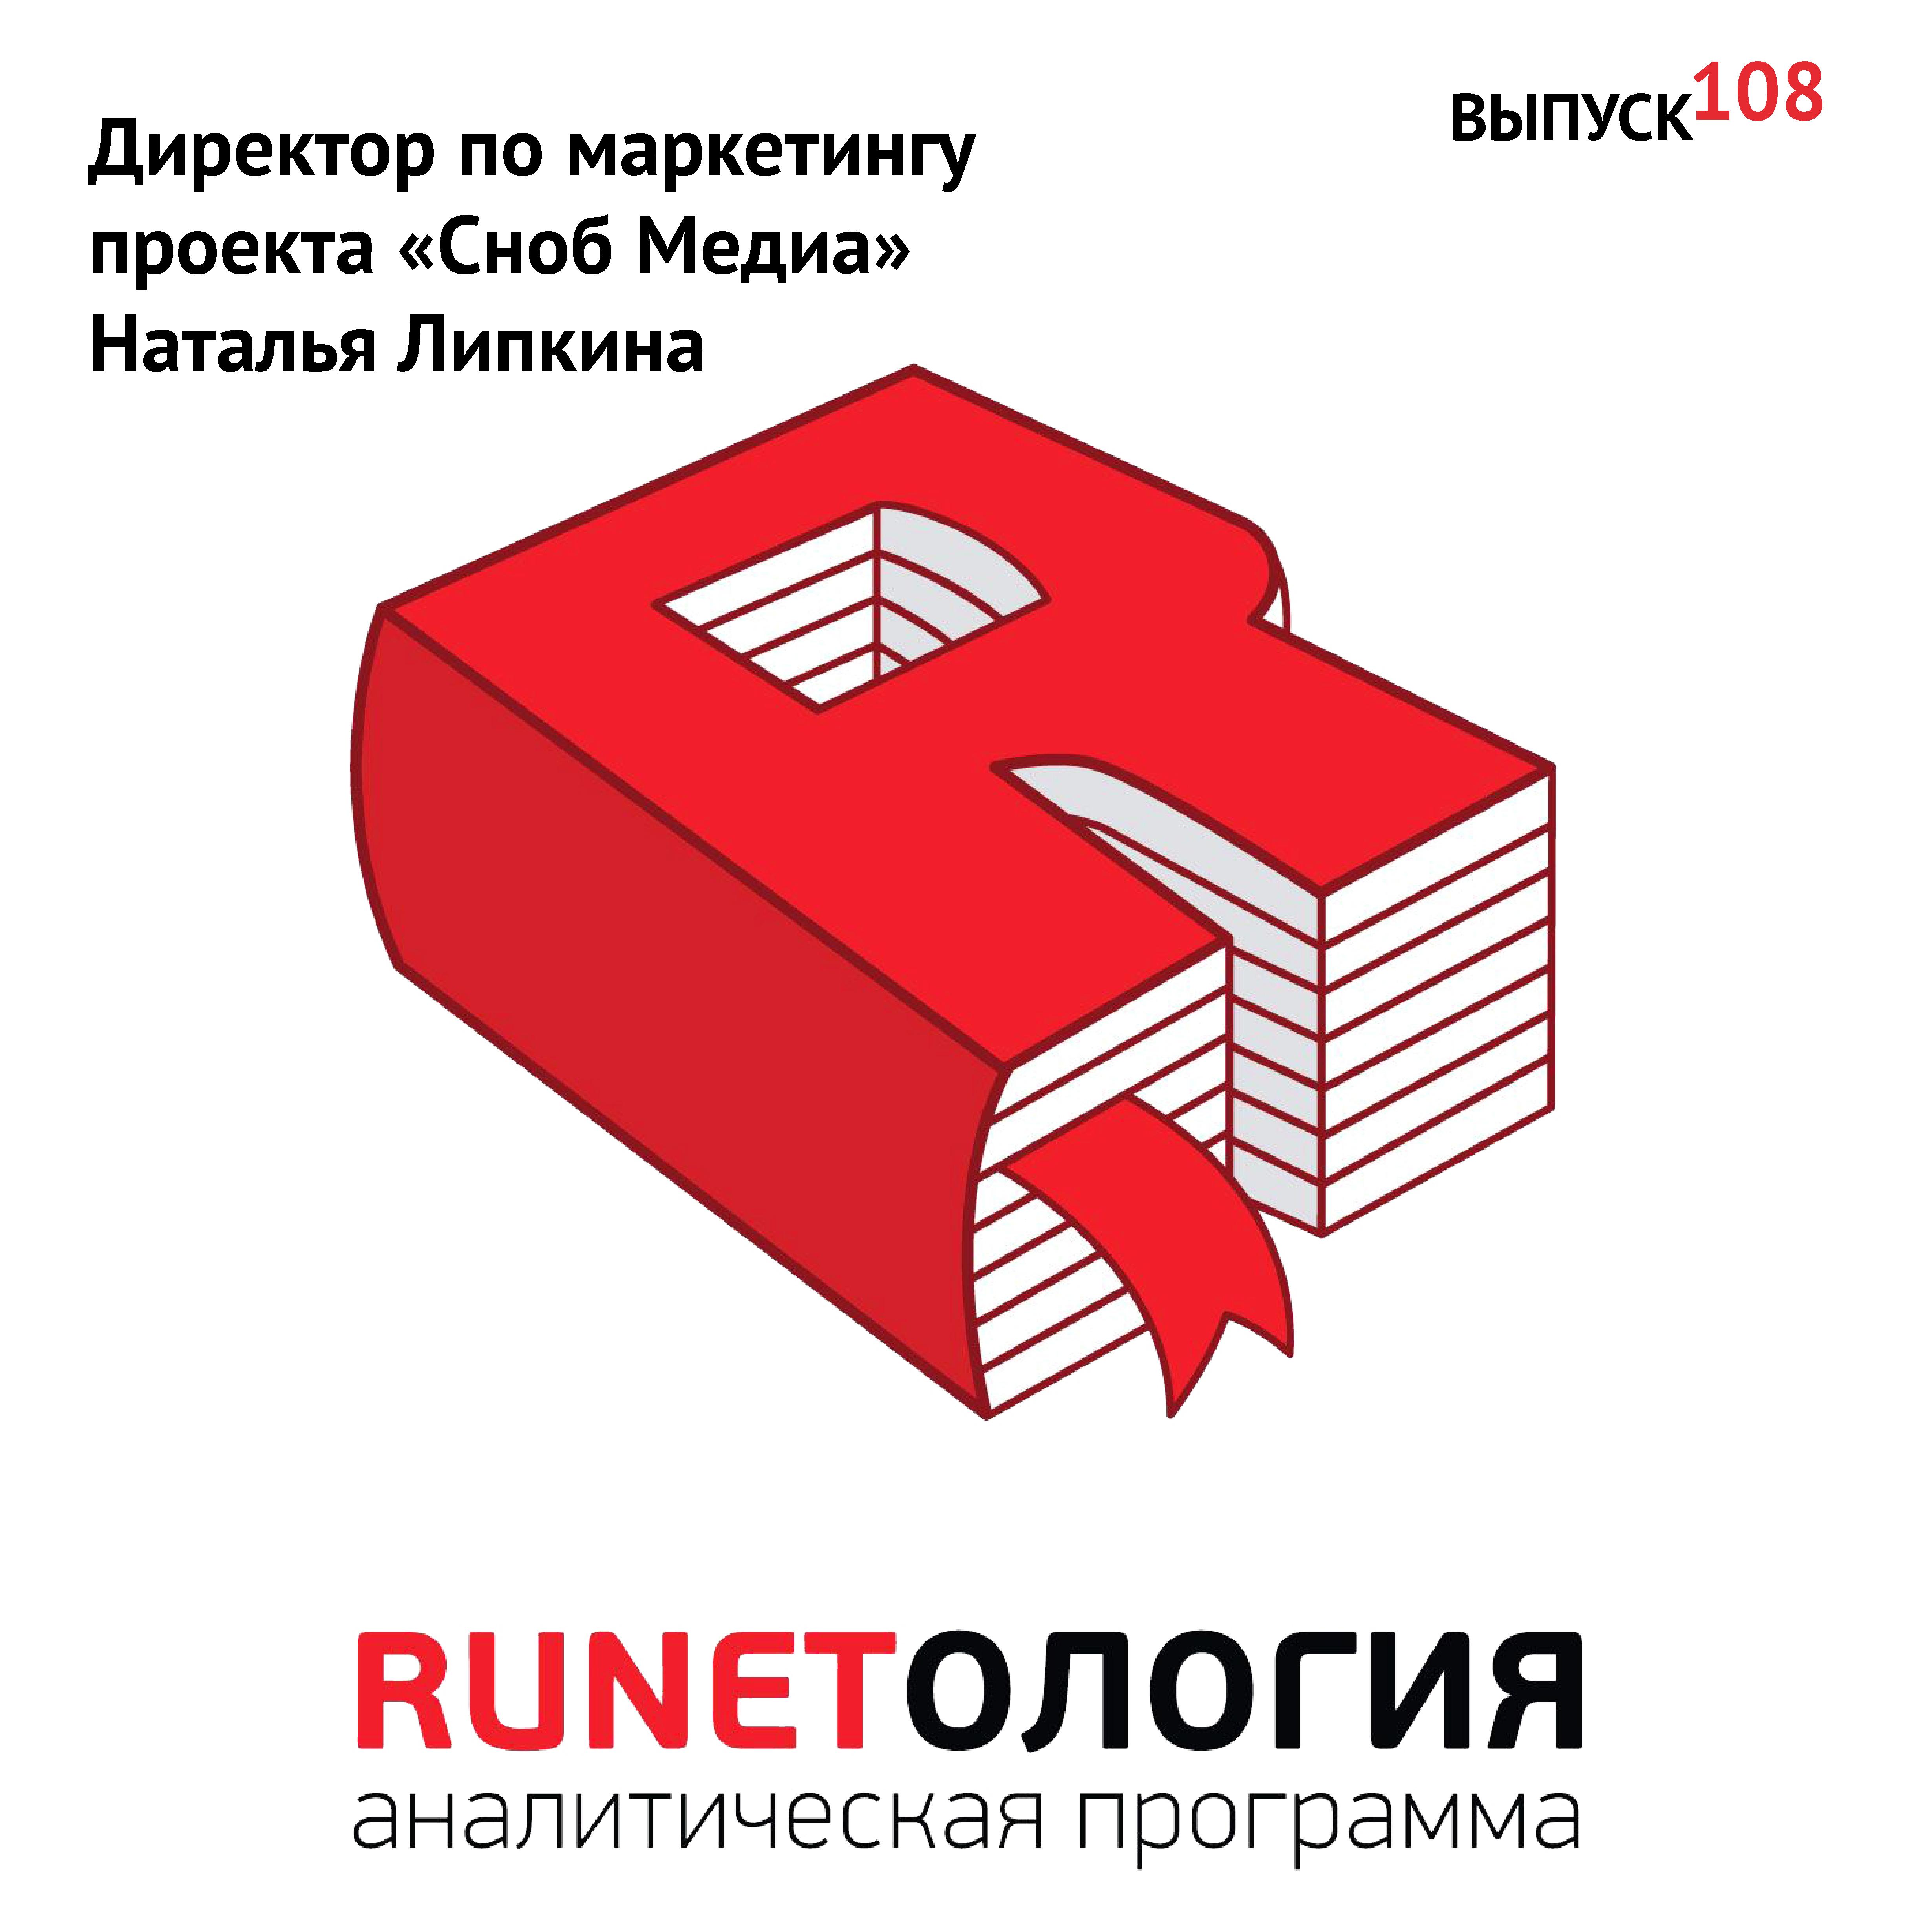 Максим Спиридонов Директор по маркетингу проекта «Сноб Медиа» Наталья Липкина